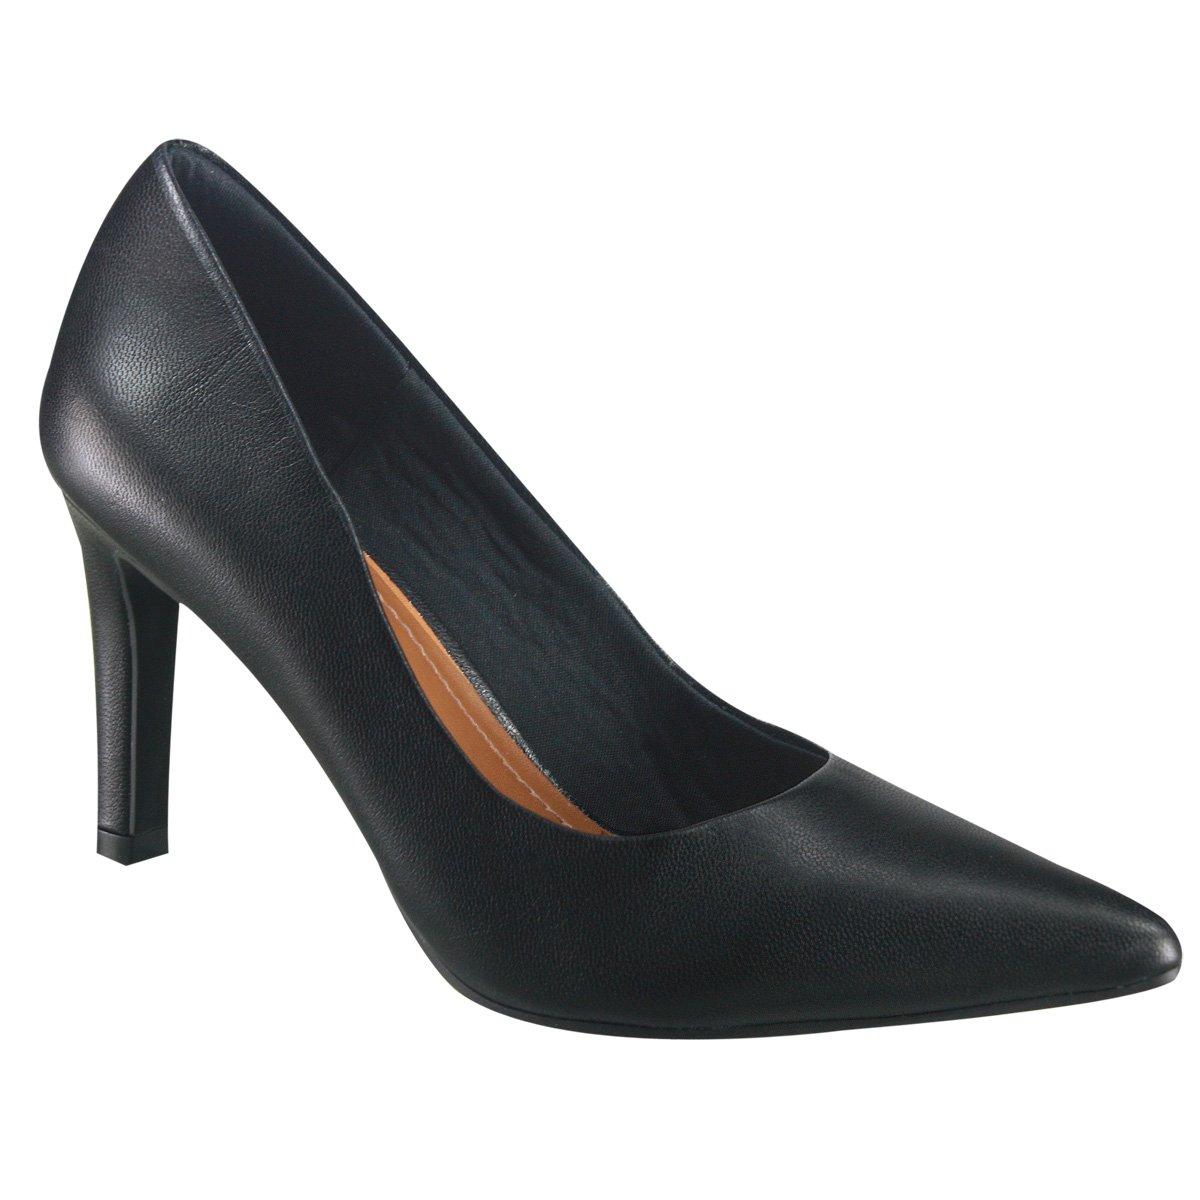 ed57a2862 Sapato Scarpin Usaflex W0201 26 - Preto (Caprina) - Calçados Online ...